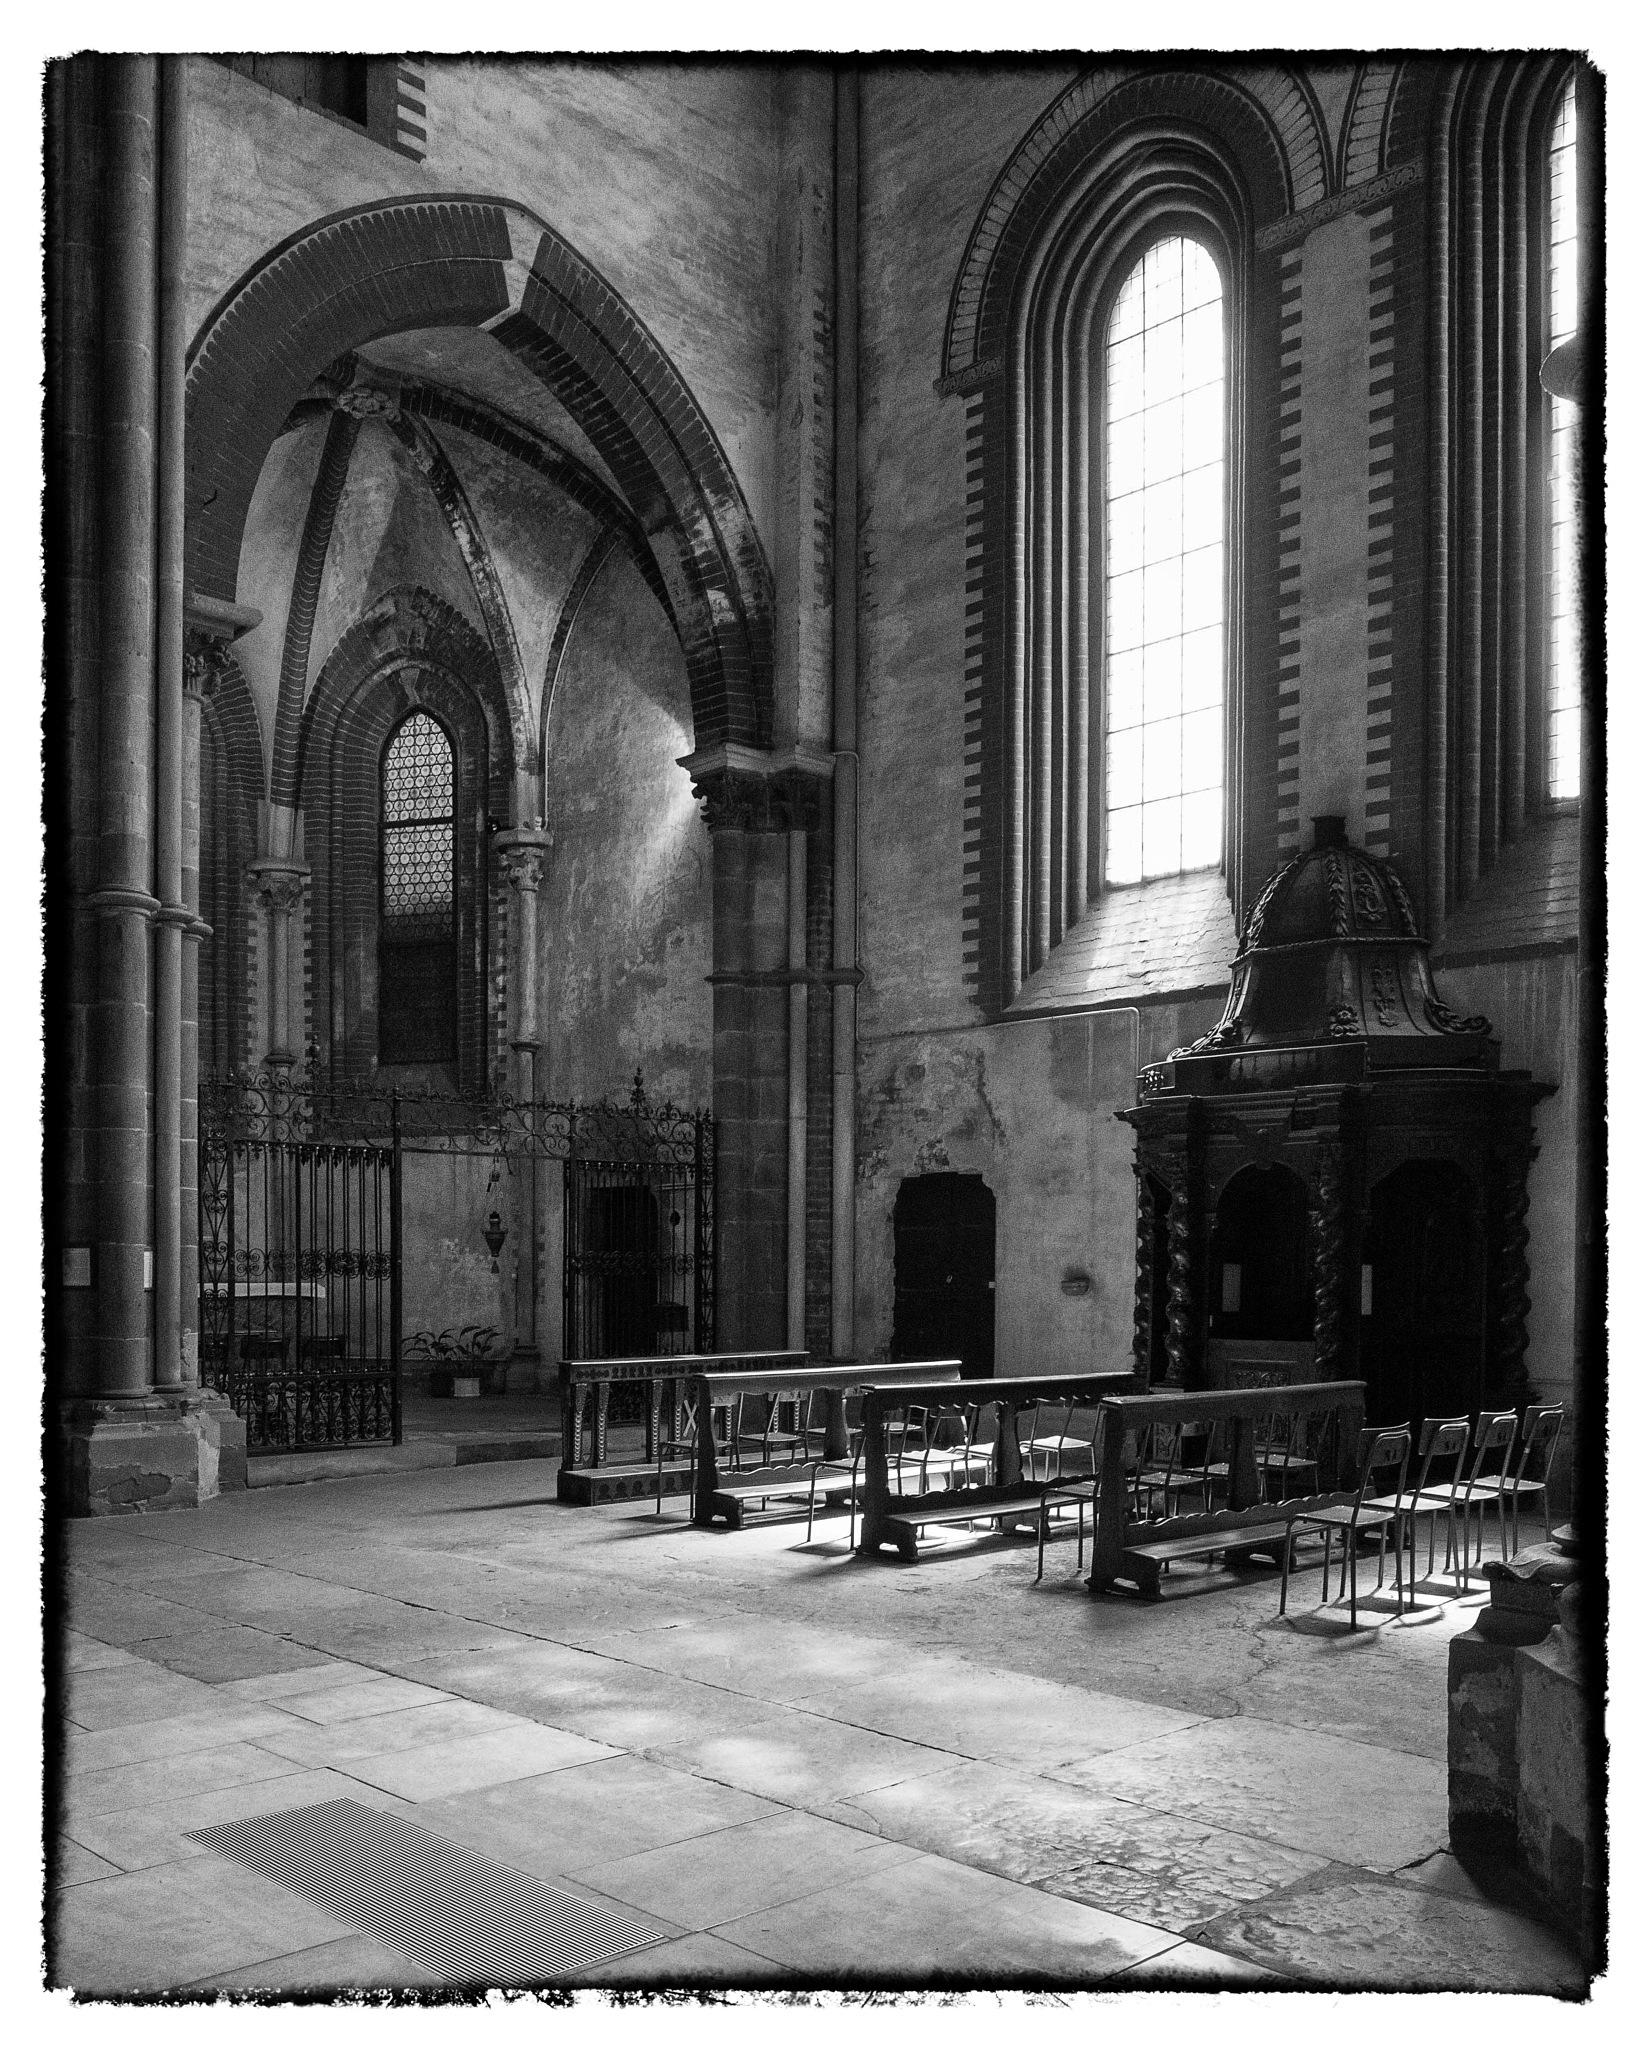 chiesa di sant'andrea, vercelli by bcorech